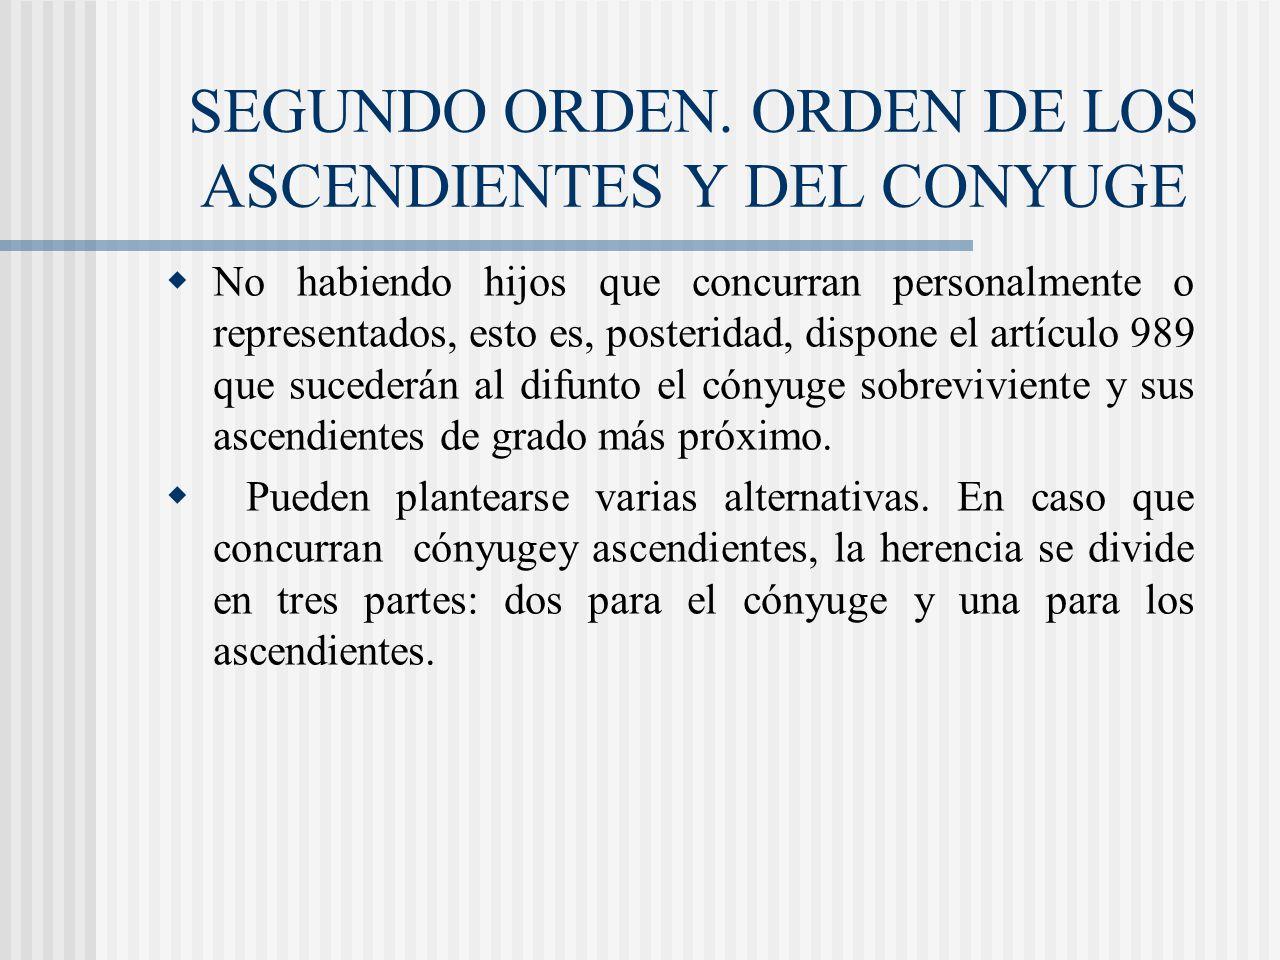 SEGUNDO ORDEN. ORDEN DE LOS ASCENDIENTES Y DEL CONYUGE